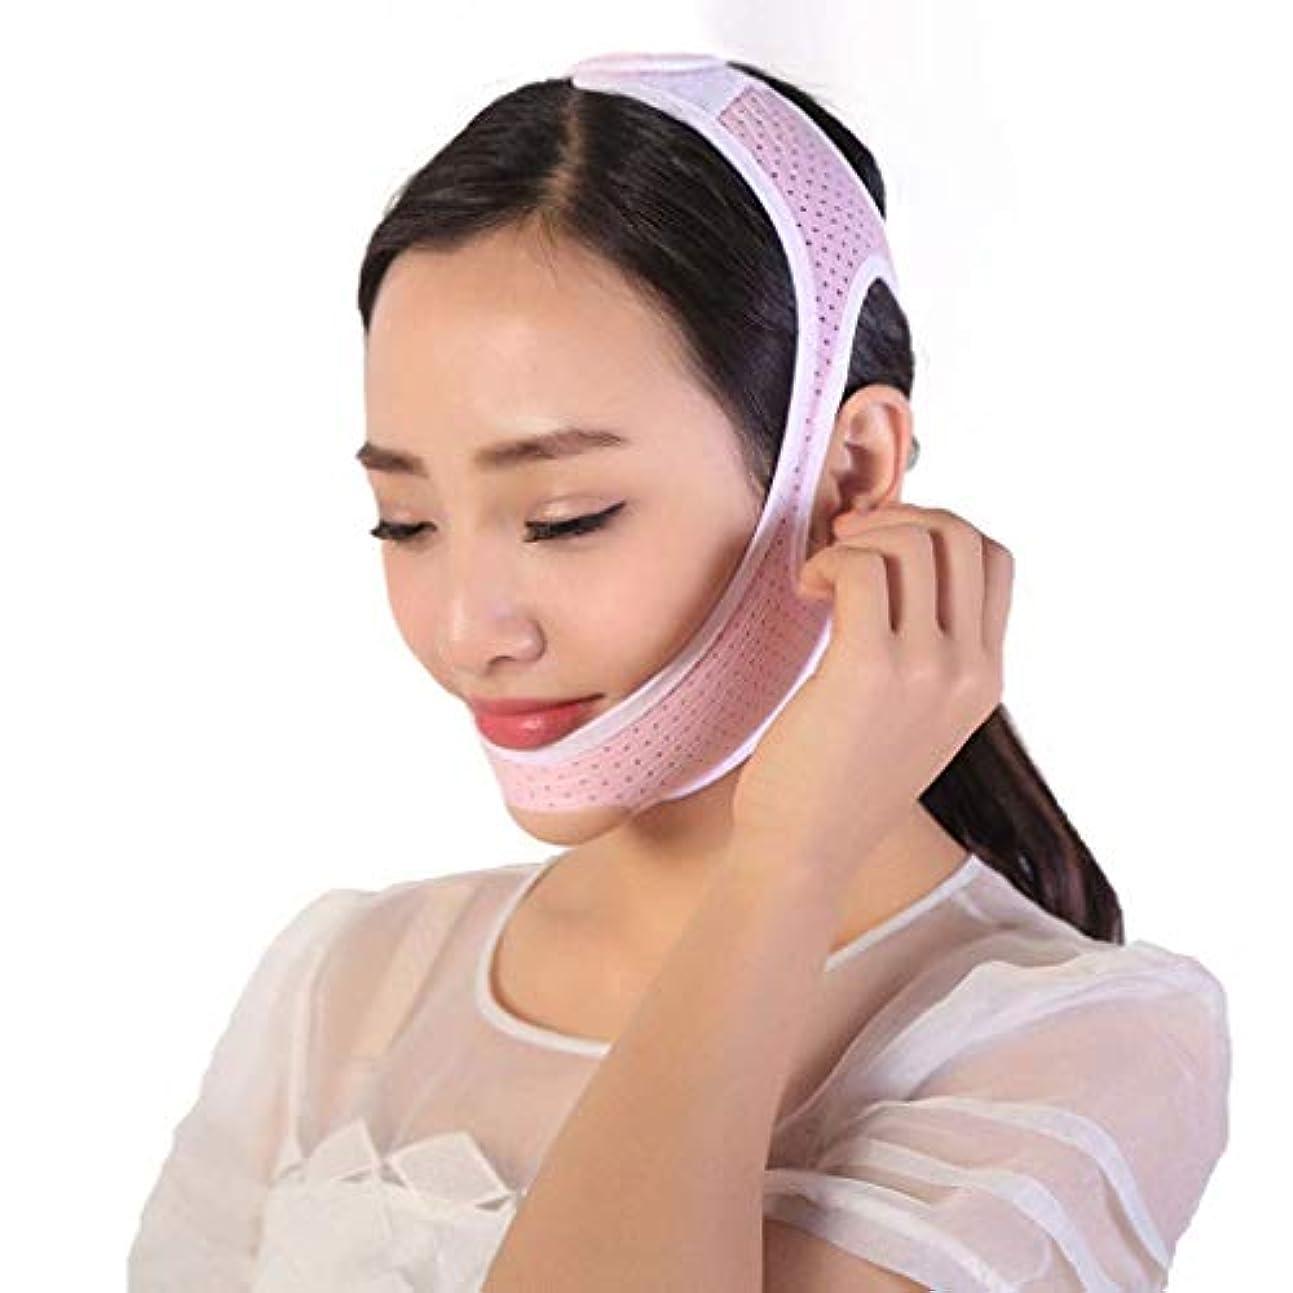 会計甘い戻すHUYYA 女性の顔を持ち上げるベルト、しわ防止包帯 Vライン頬 二重あごの減量顔 フェイスリフティング包帯,Pink_Large